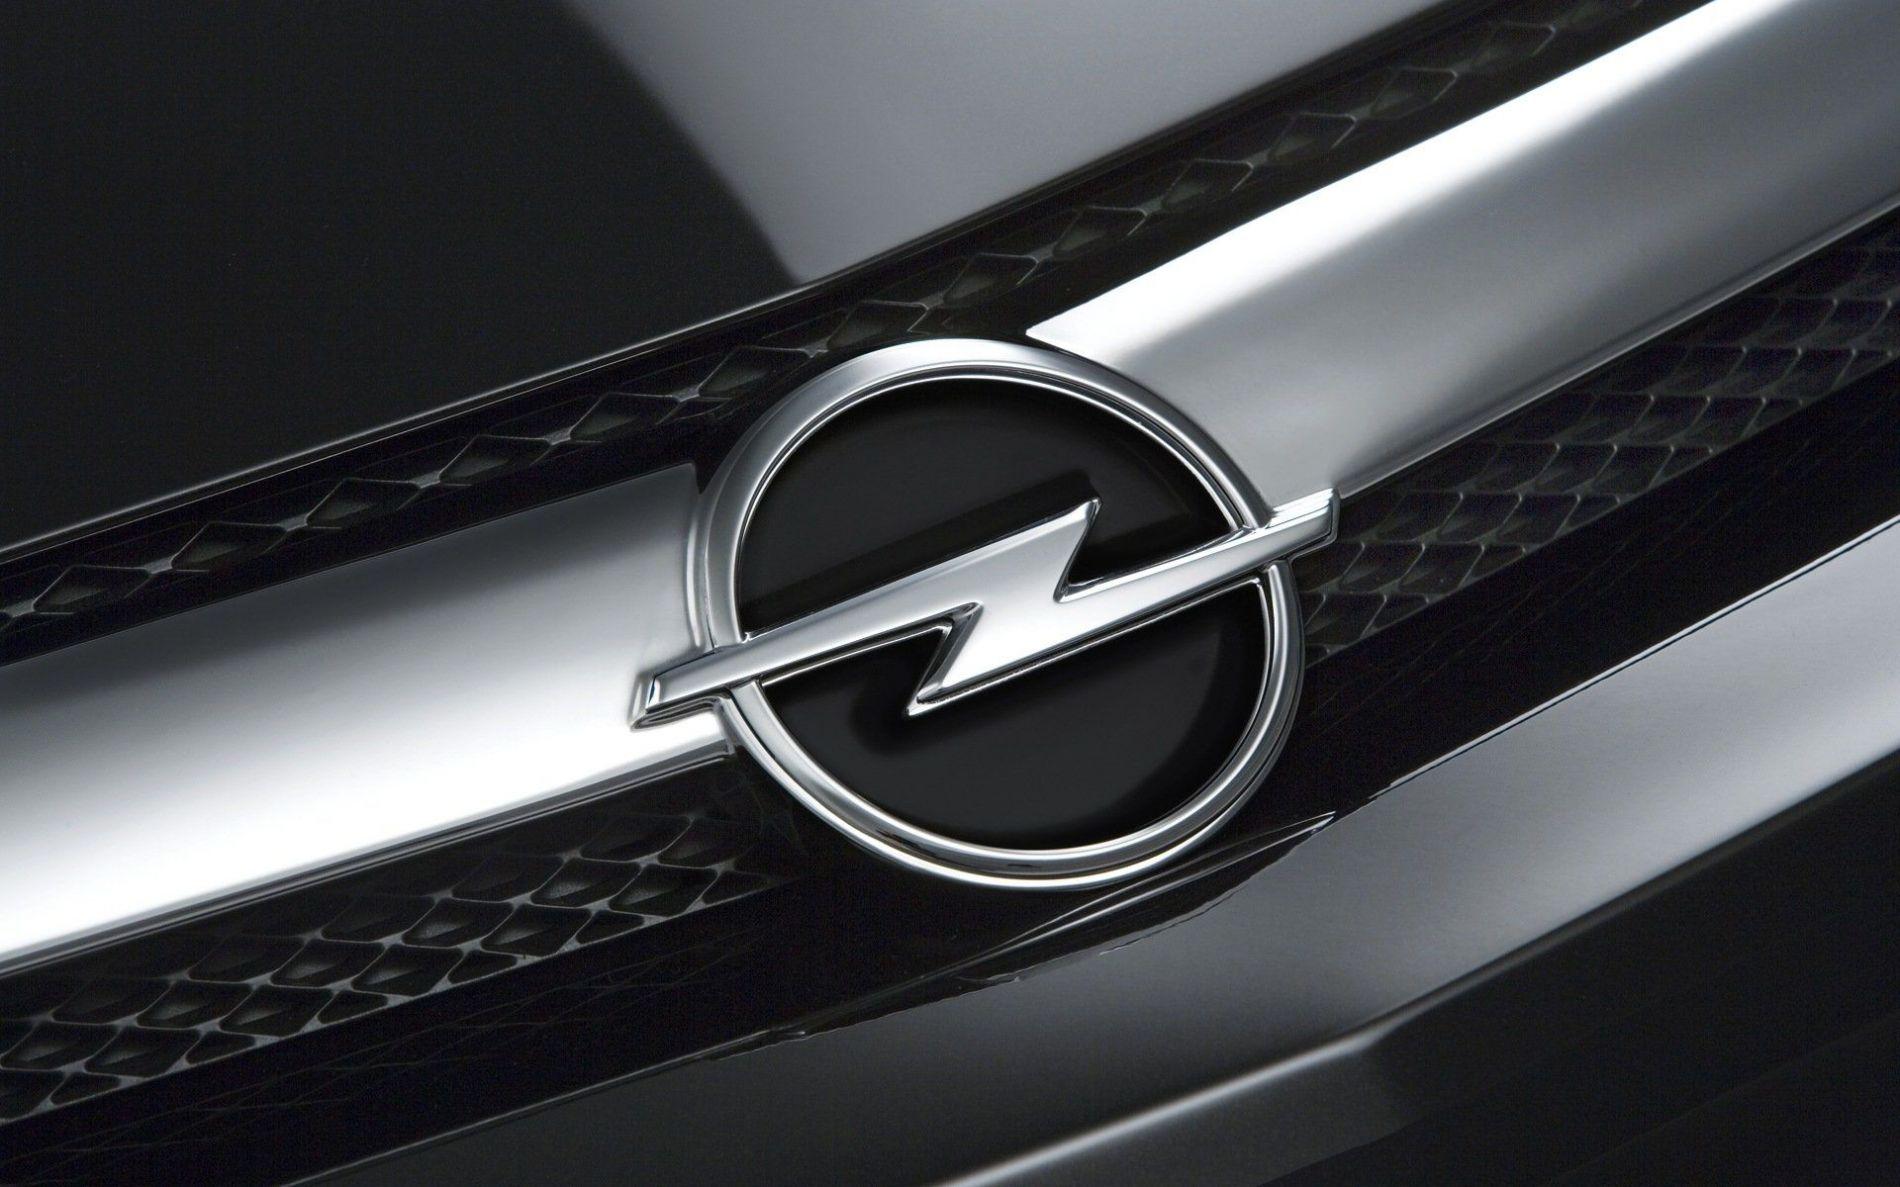 2021 წელს Opel-ი იაპონიაში დაბრუნდება